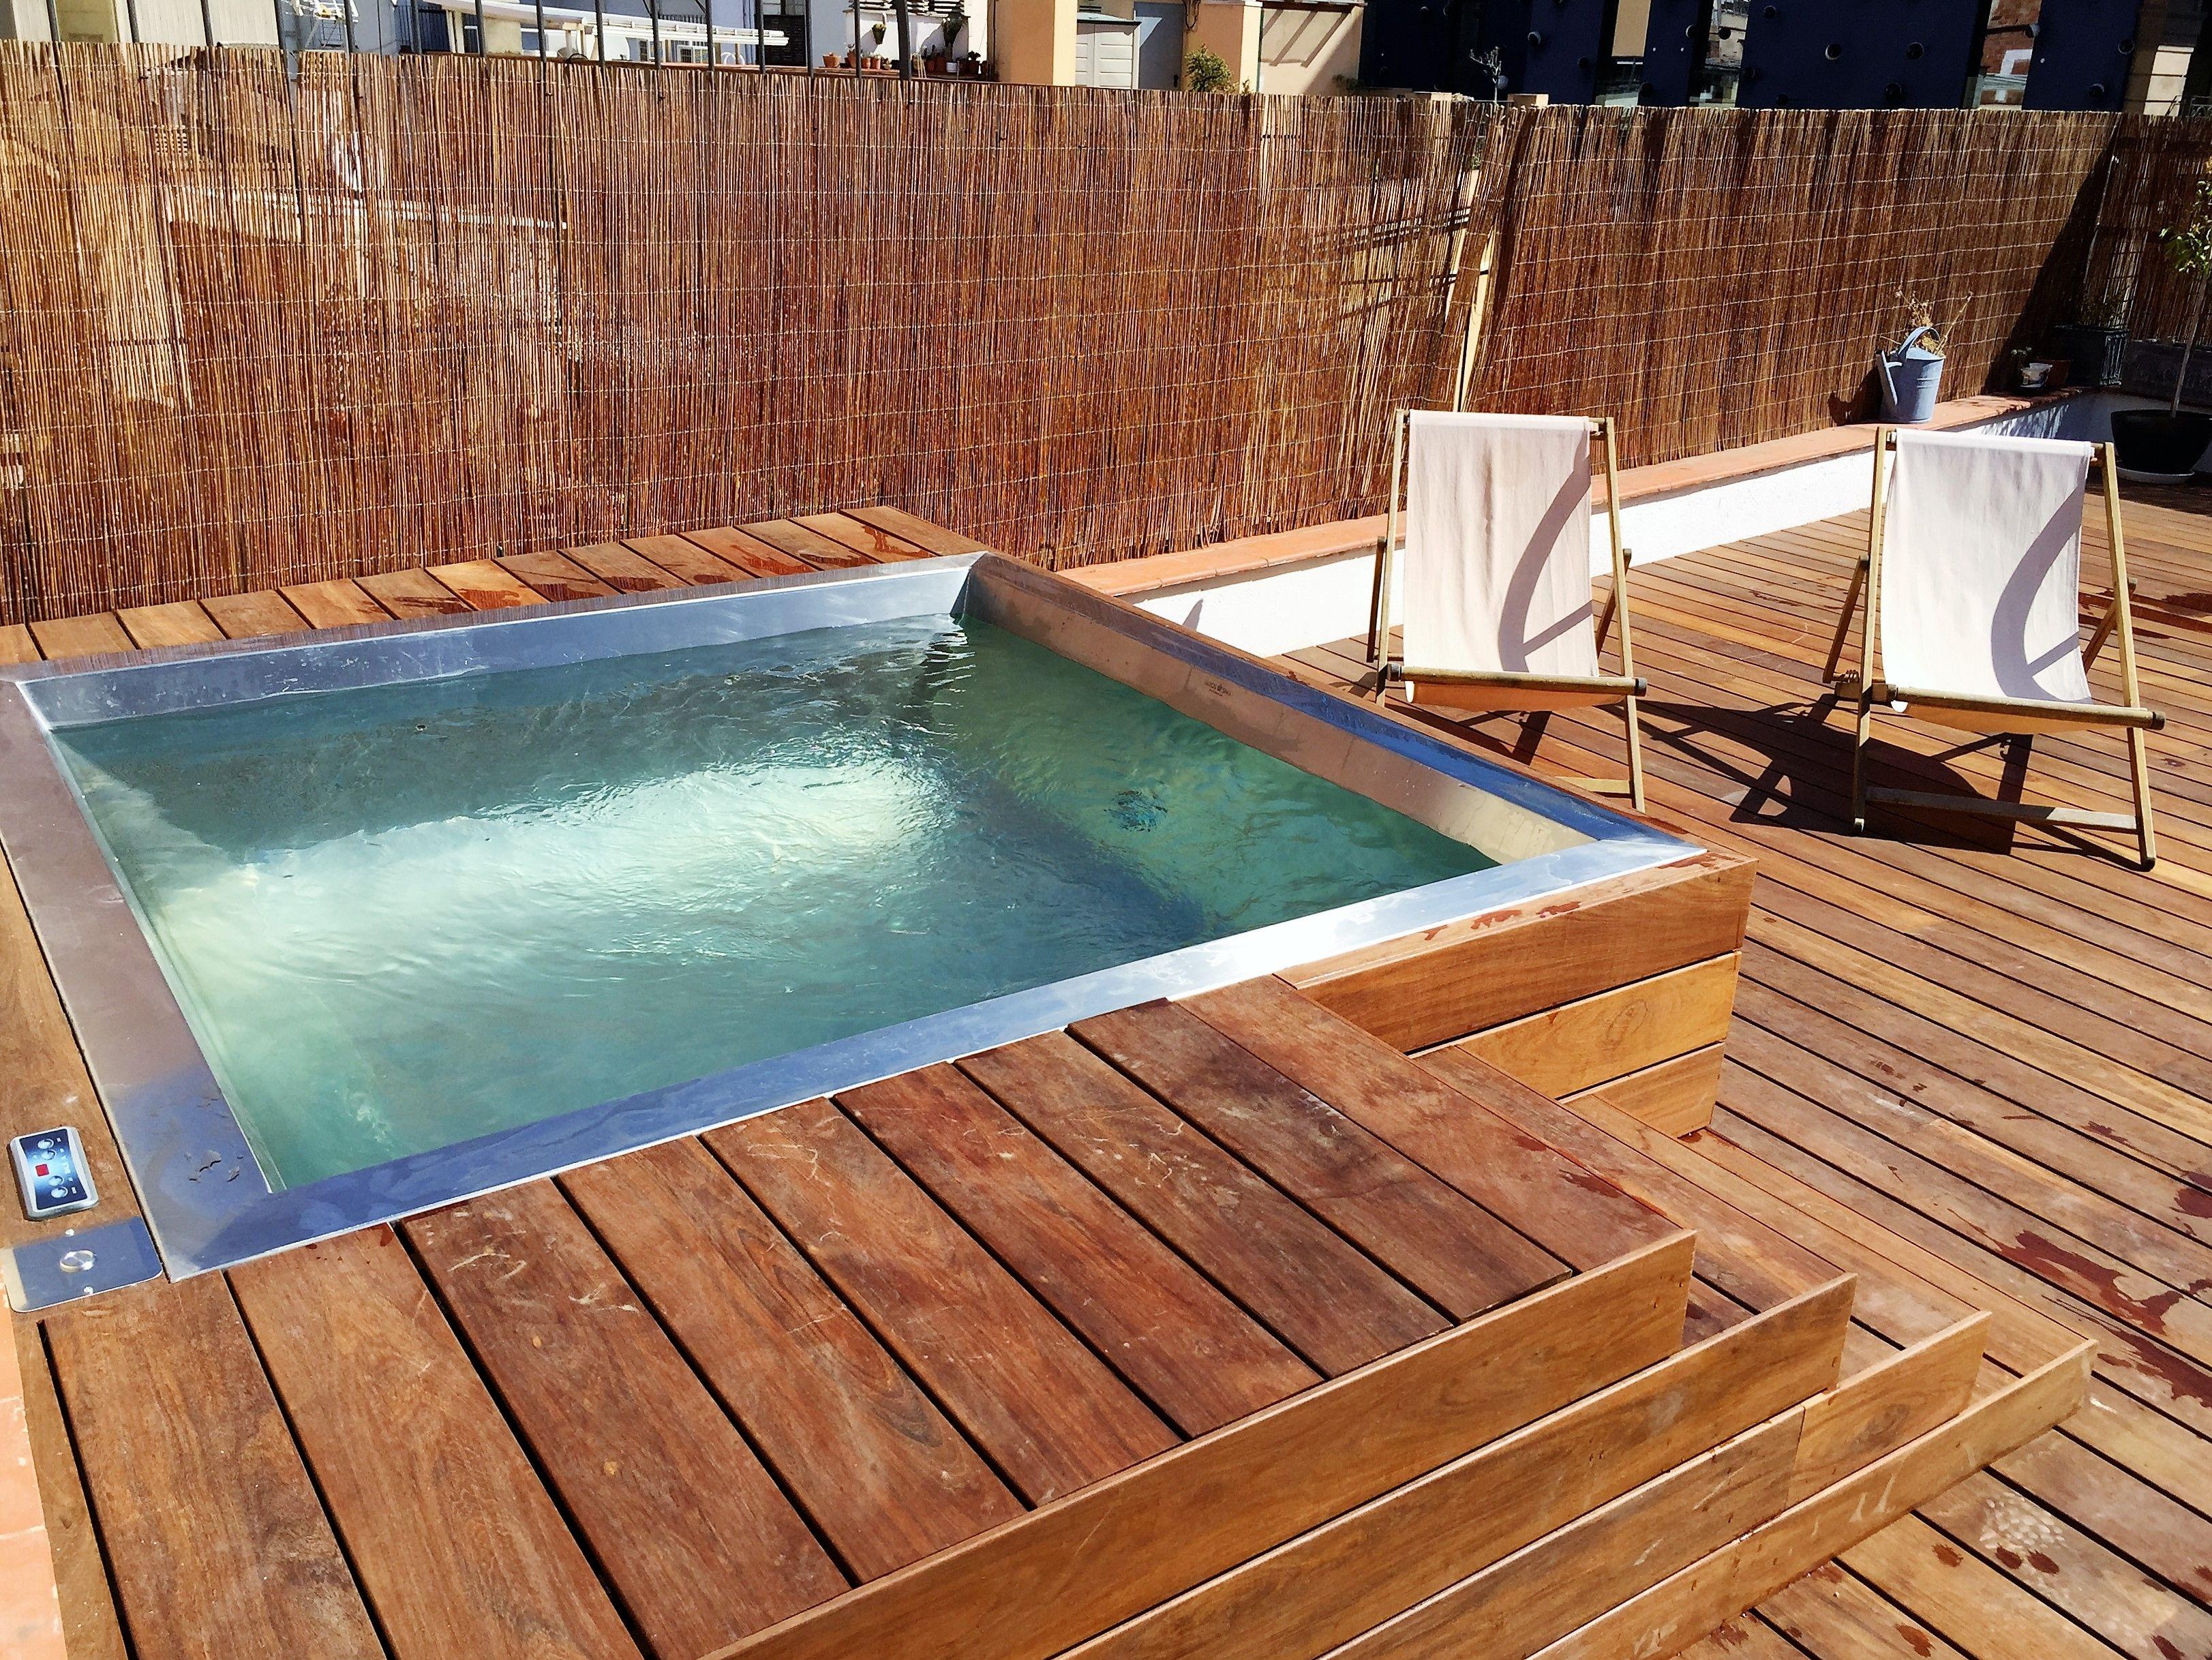 Spa de acero inoxidable de lujo instalada en barcelona piscinas spas hidromasaje piscinas - Piscina en barcelona ...